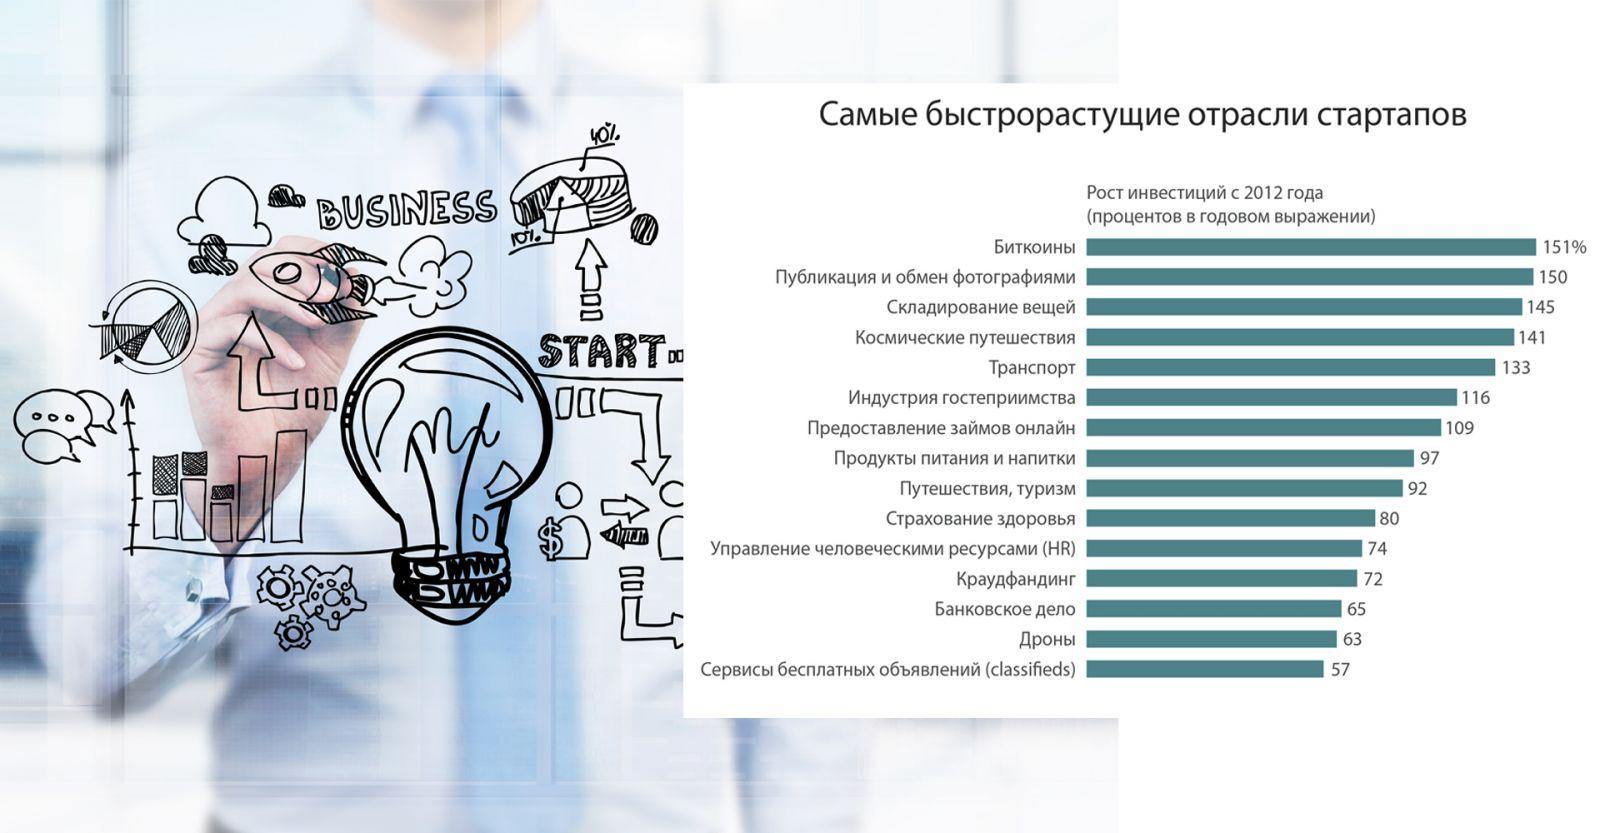 Список быстрорастущих стартапов